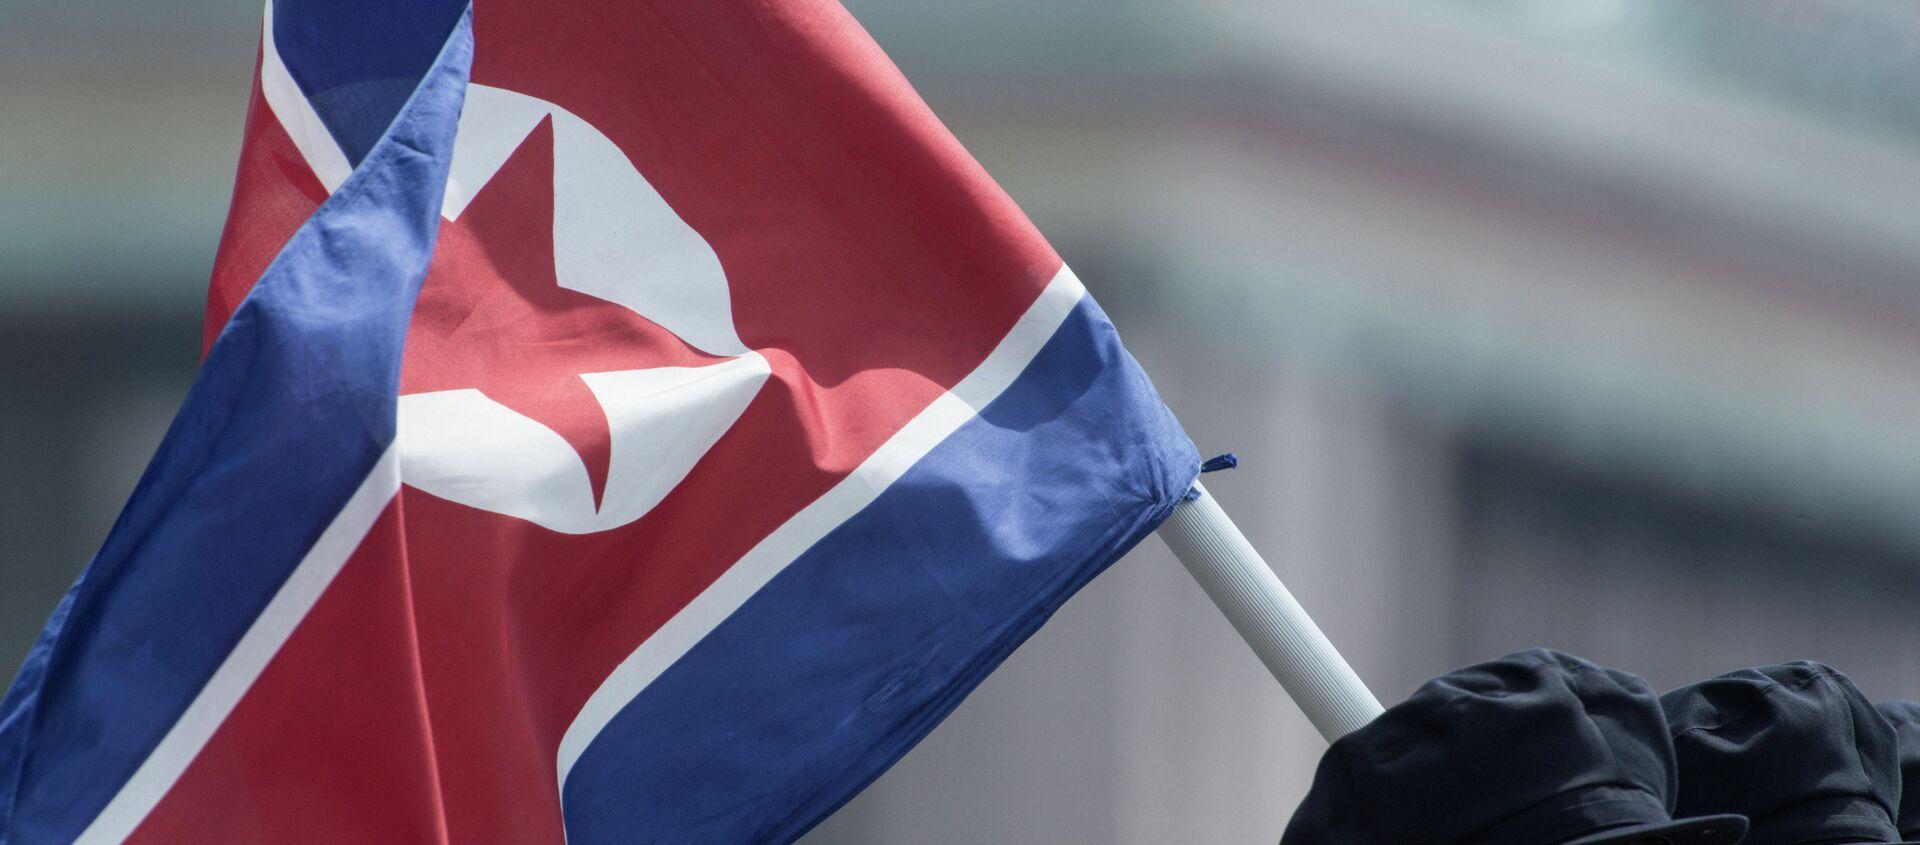 Bắc Triều Tiên - Sputnik Việt Nam, 1920, 08.06.2020